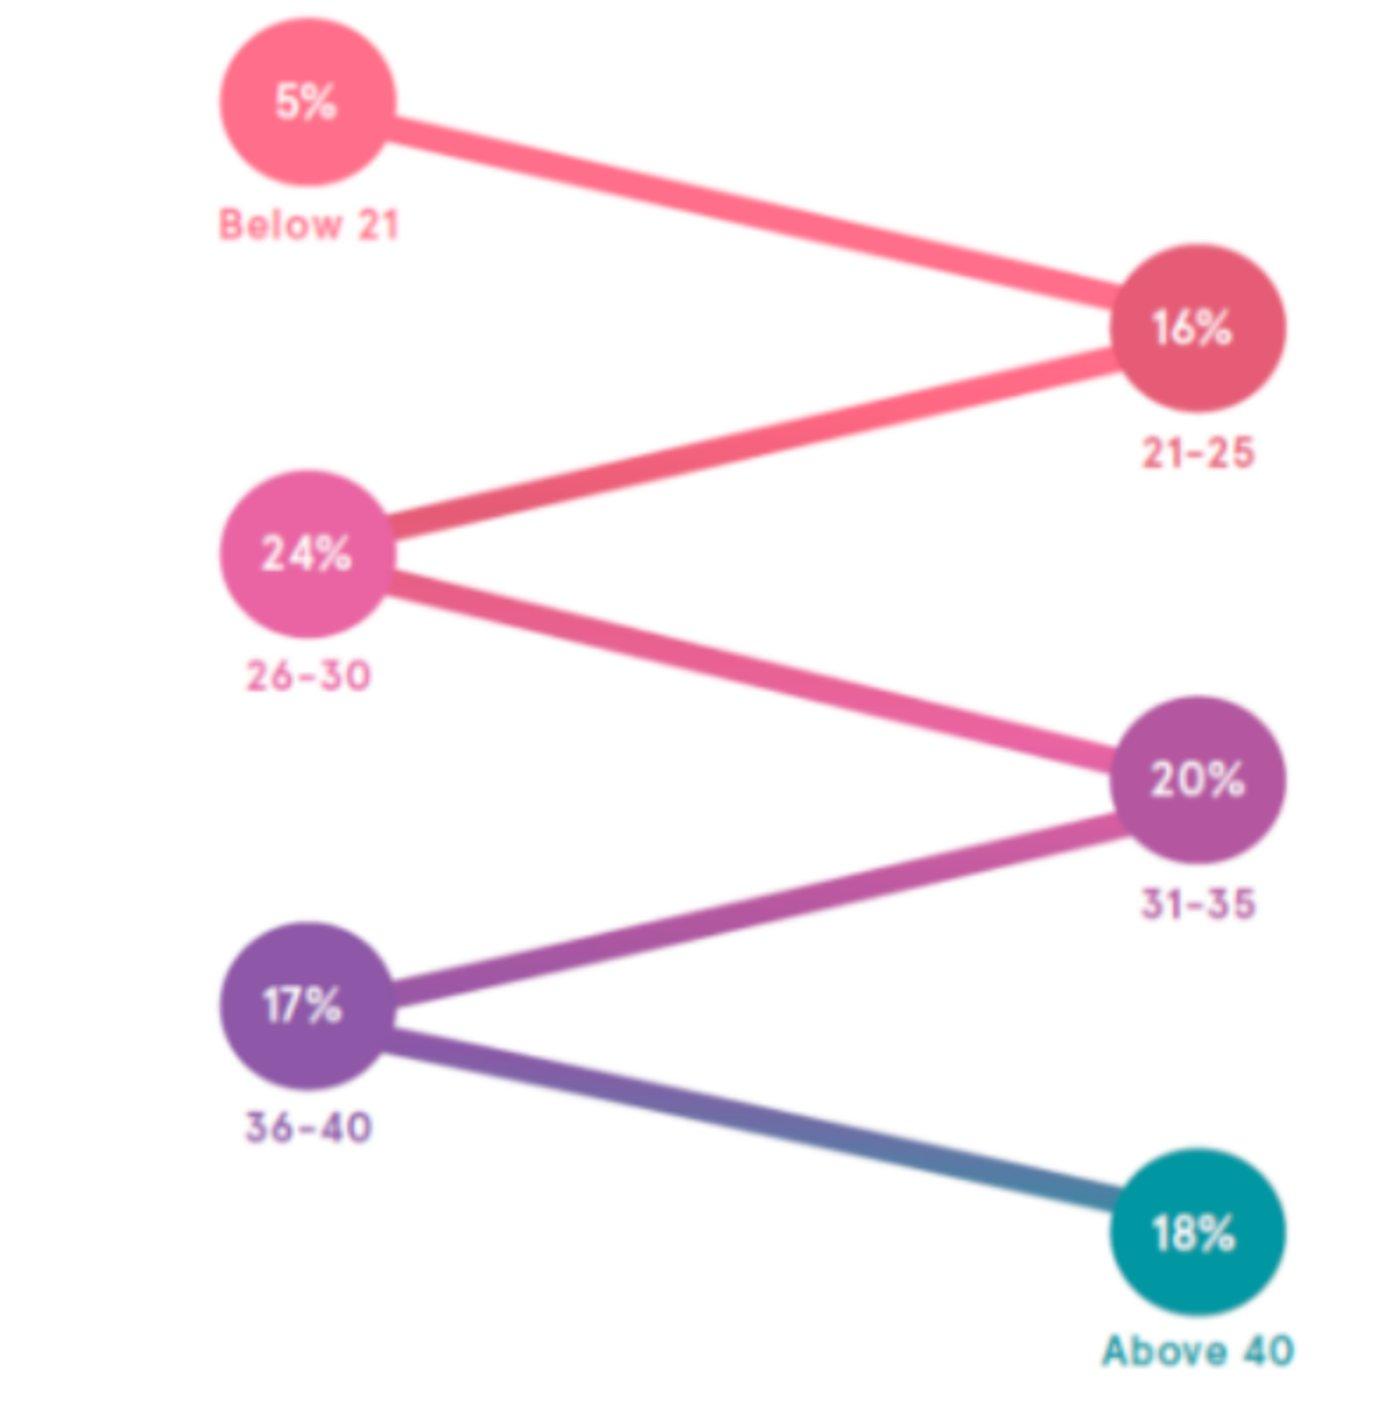 数据来源:《2020年东南亚消费趋势报告》